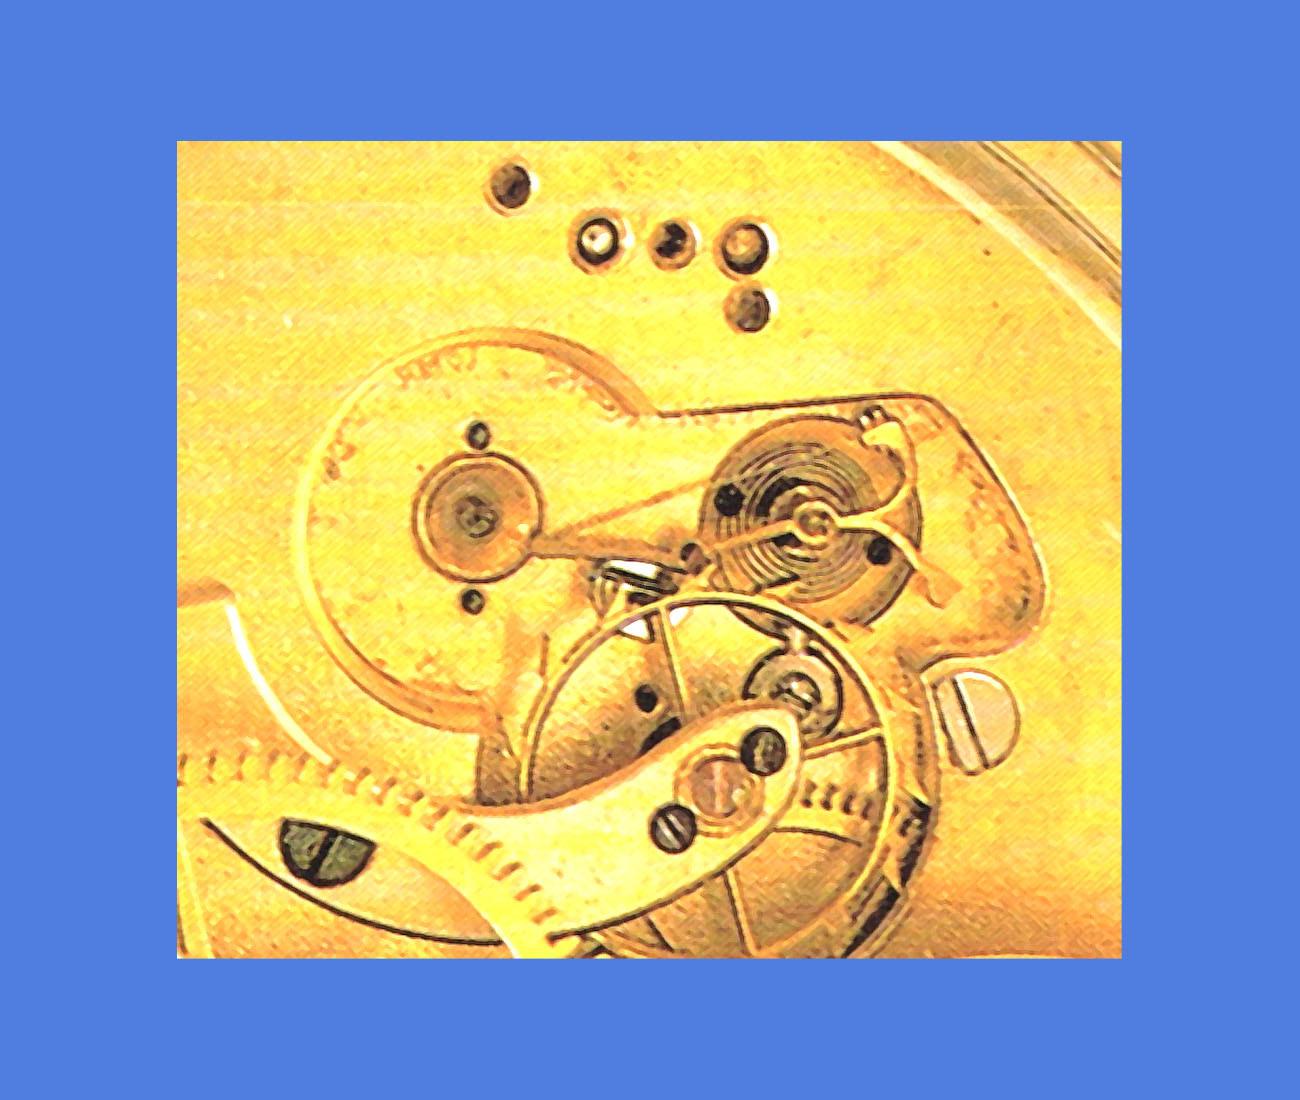 Die Glashütter Chronometer-Kurtzwippe mit Sicherungsstein